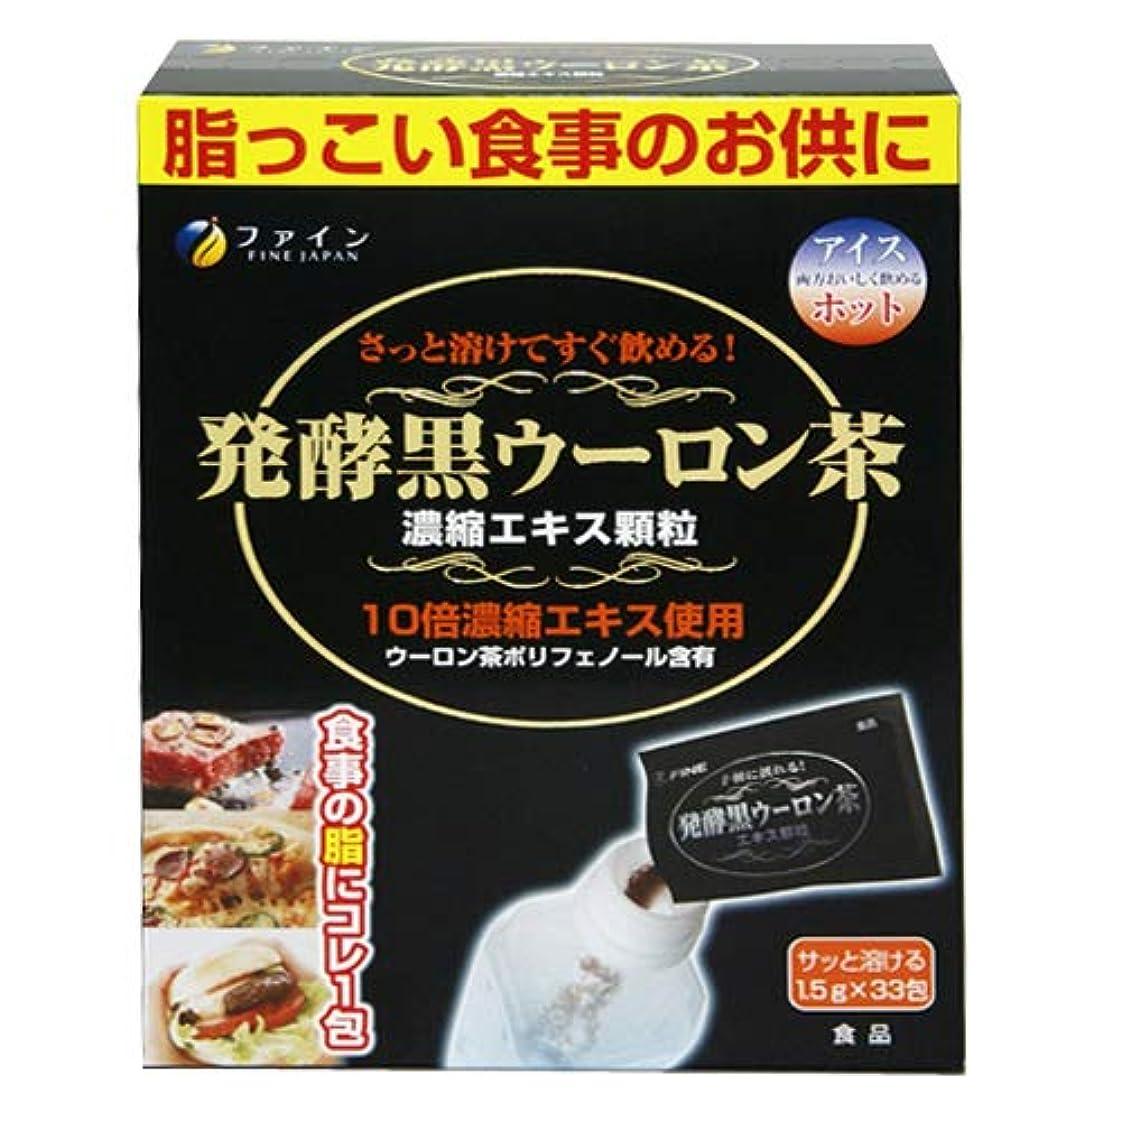 見捨てられた絡まる表面発酵黒ウーロン茶 濃縮エキス顆粒 【30箱組】